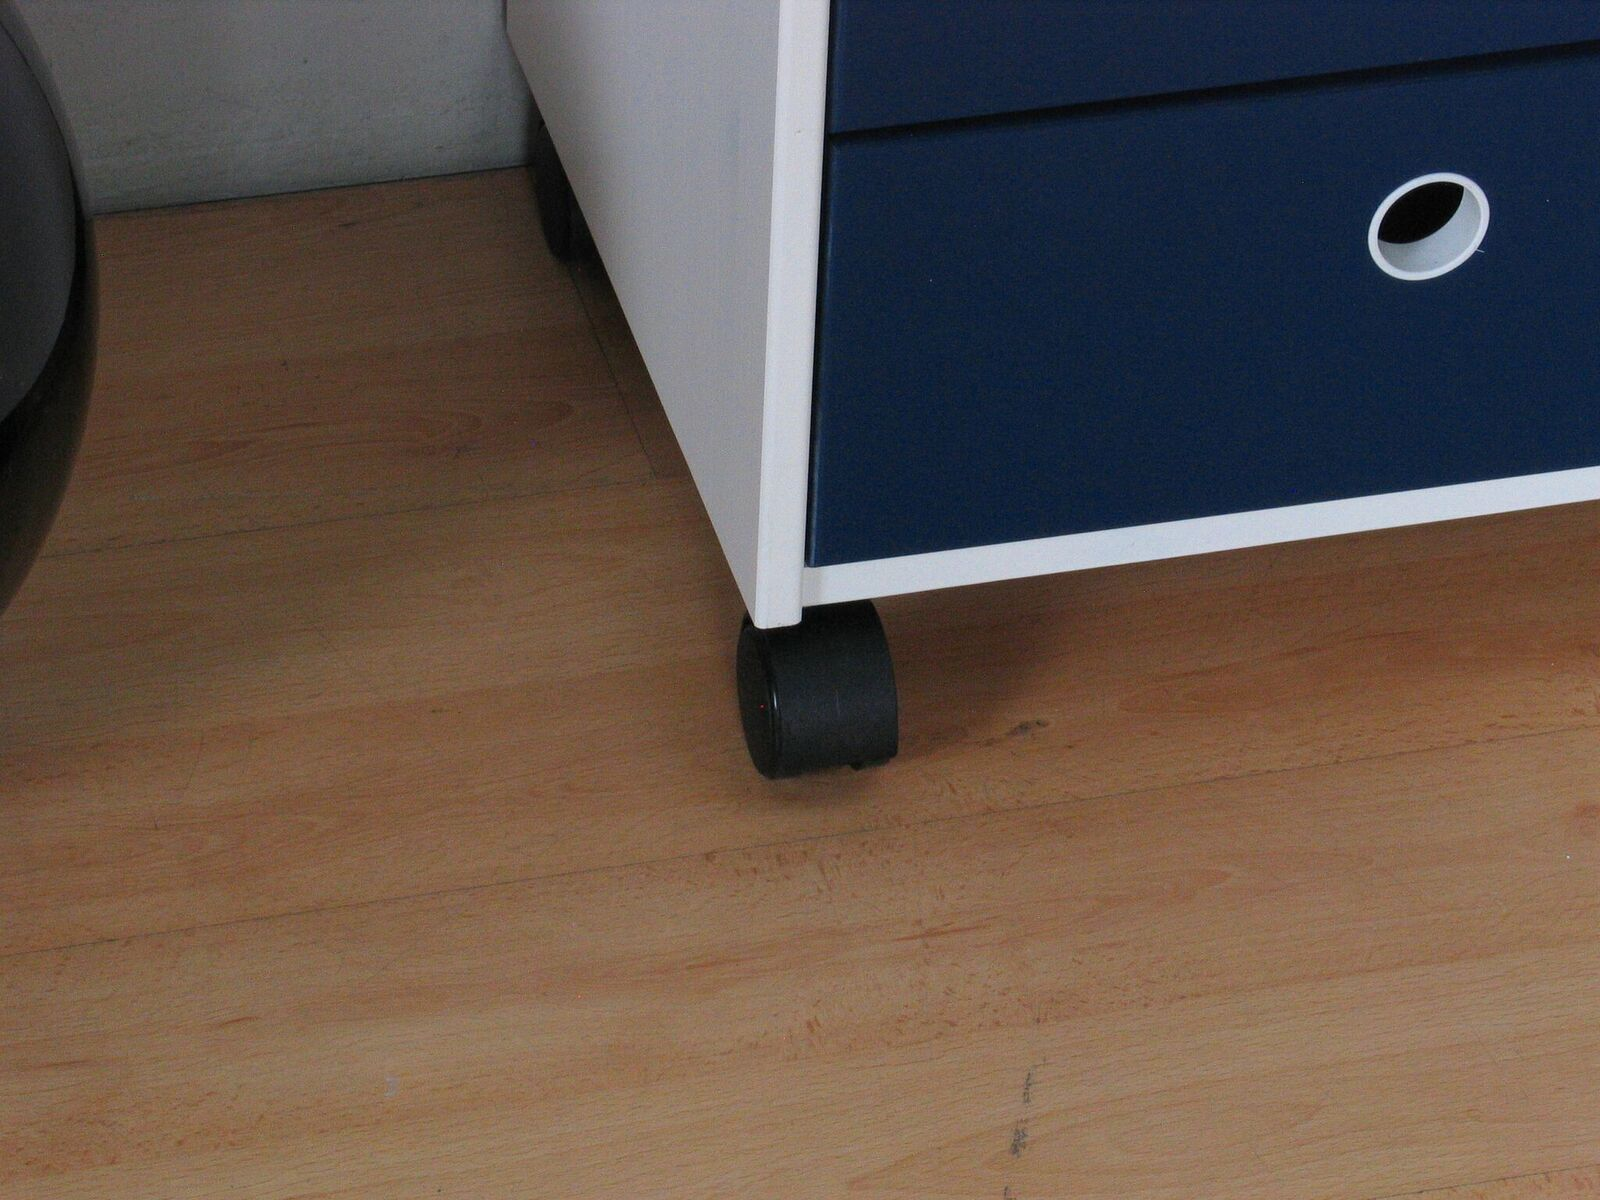 flexa schubladen kommode heine kiefer kinderzimmer schrank m bel rollcontainer m bel wohnen. Black Bedroom Furniture Sets. Home Design Ideas